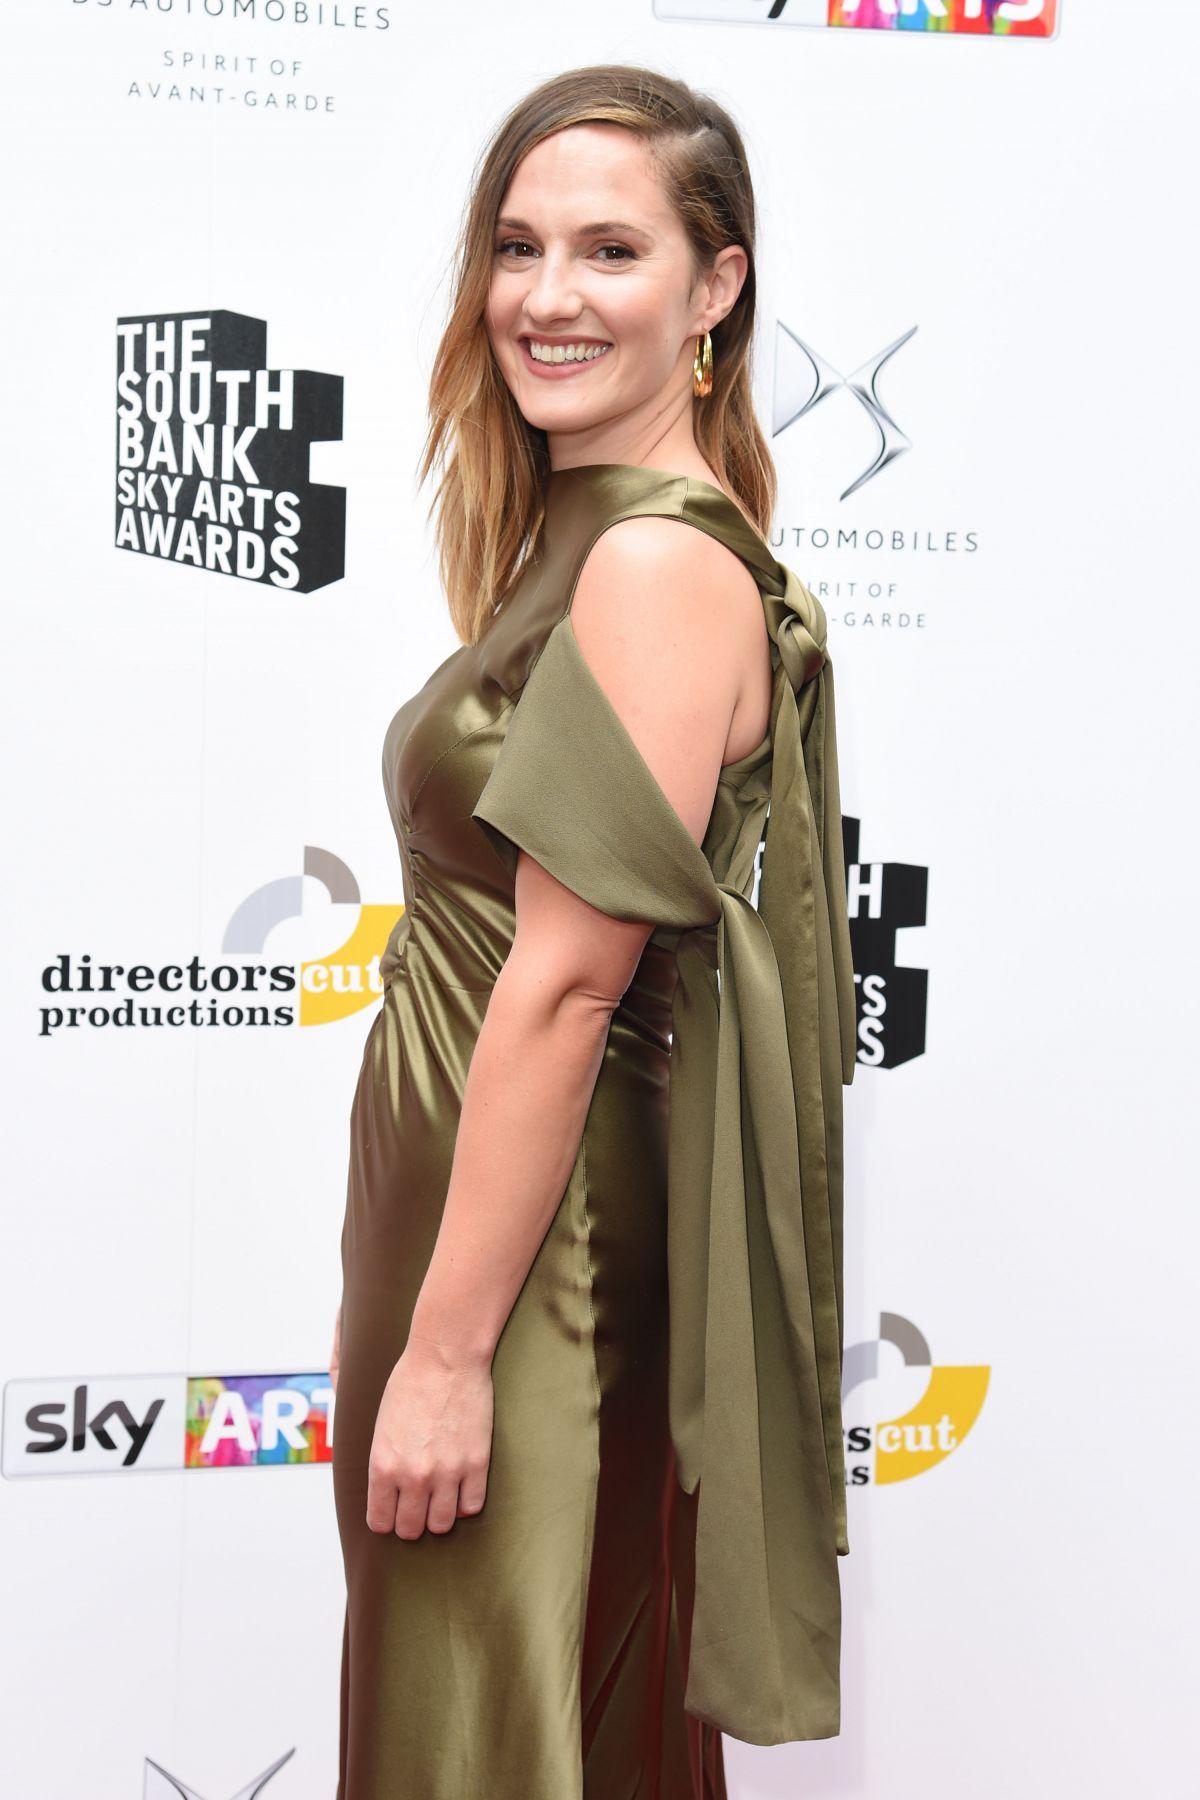 RUTH BRADLEY at South Bank Sky Arts Awards in London 07/09/2017